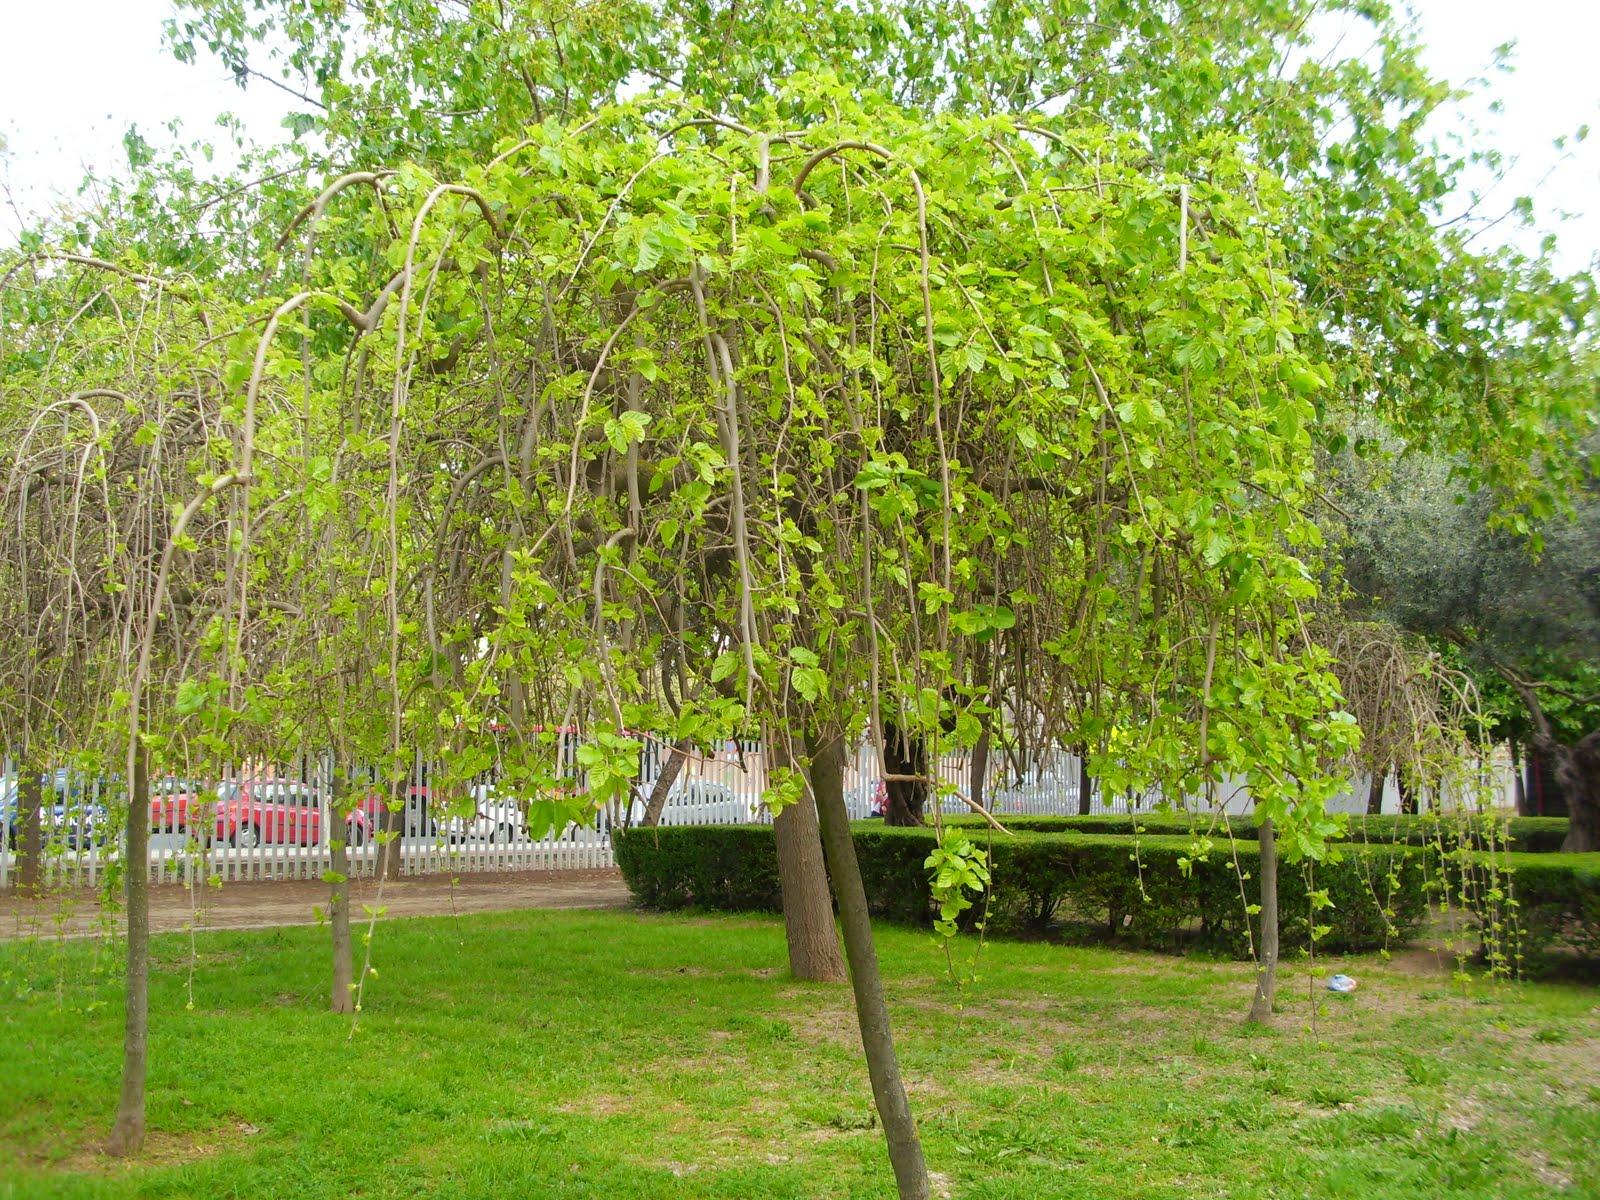 Naturaleza verde del legolas arboles de sombra for Arboles jardin sombra